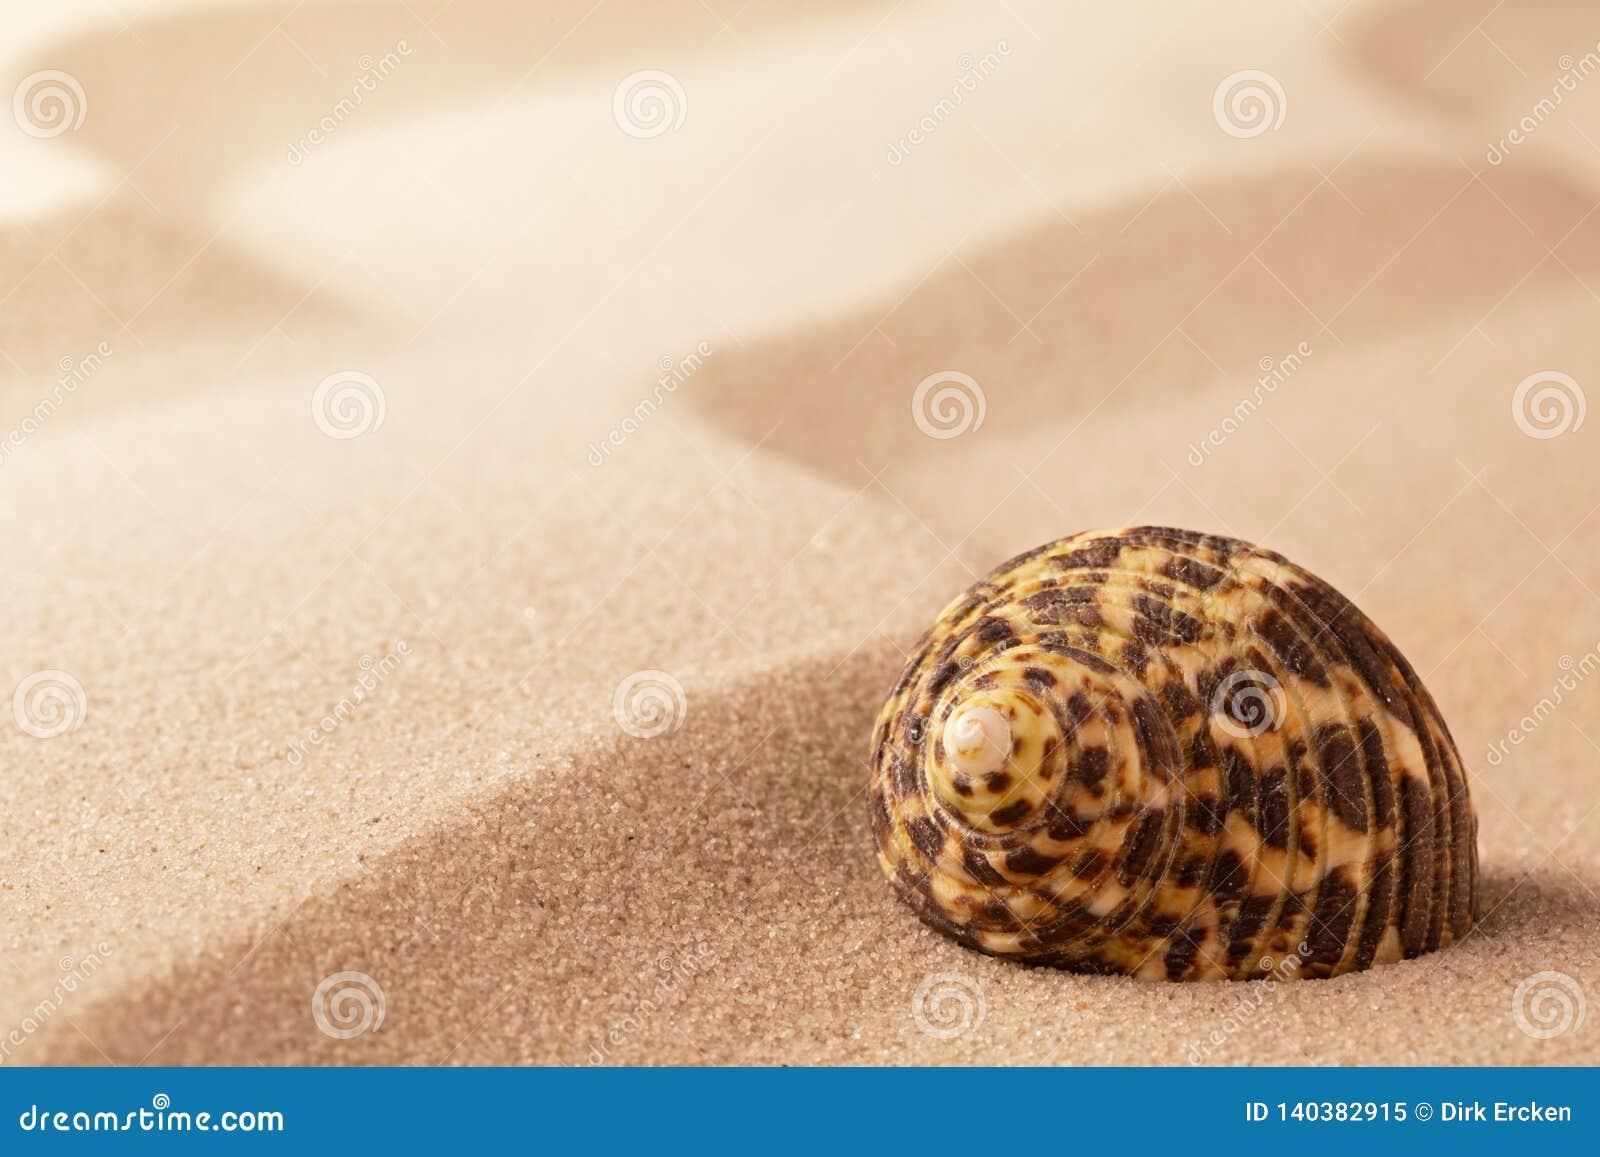 Sea shell on rippled beach sand